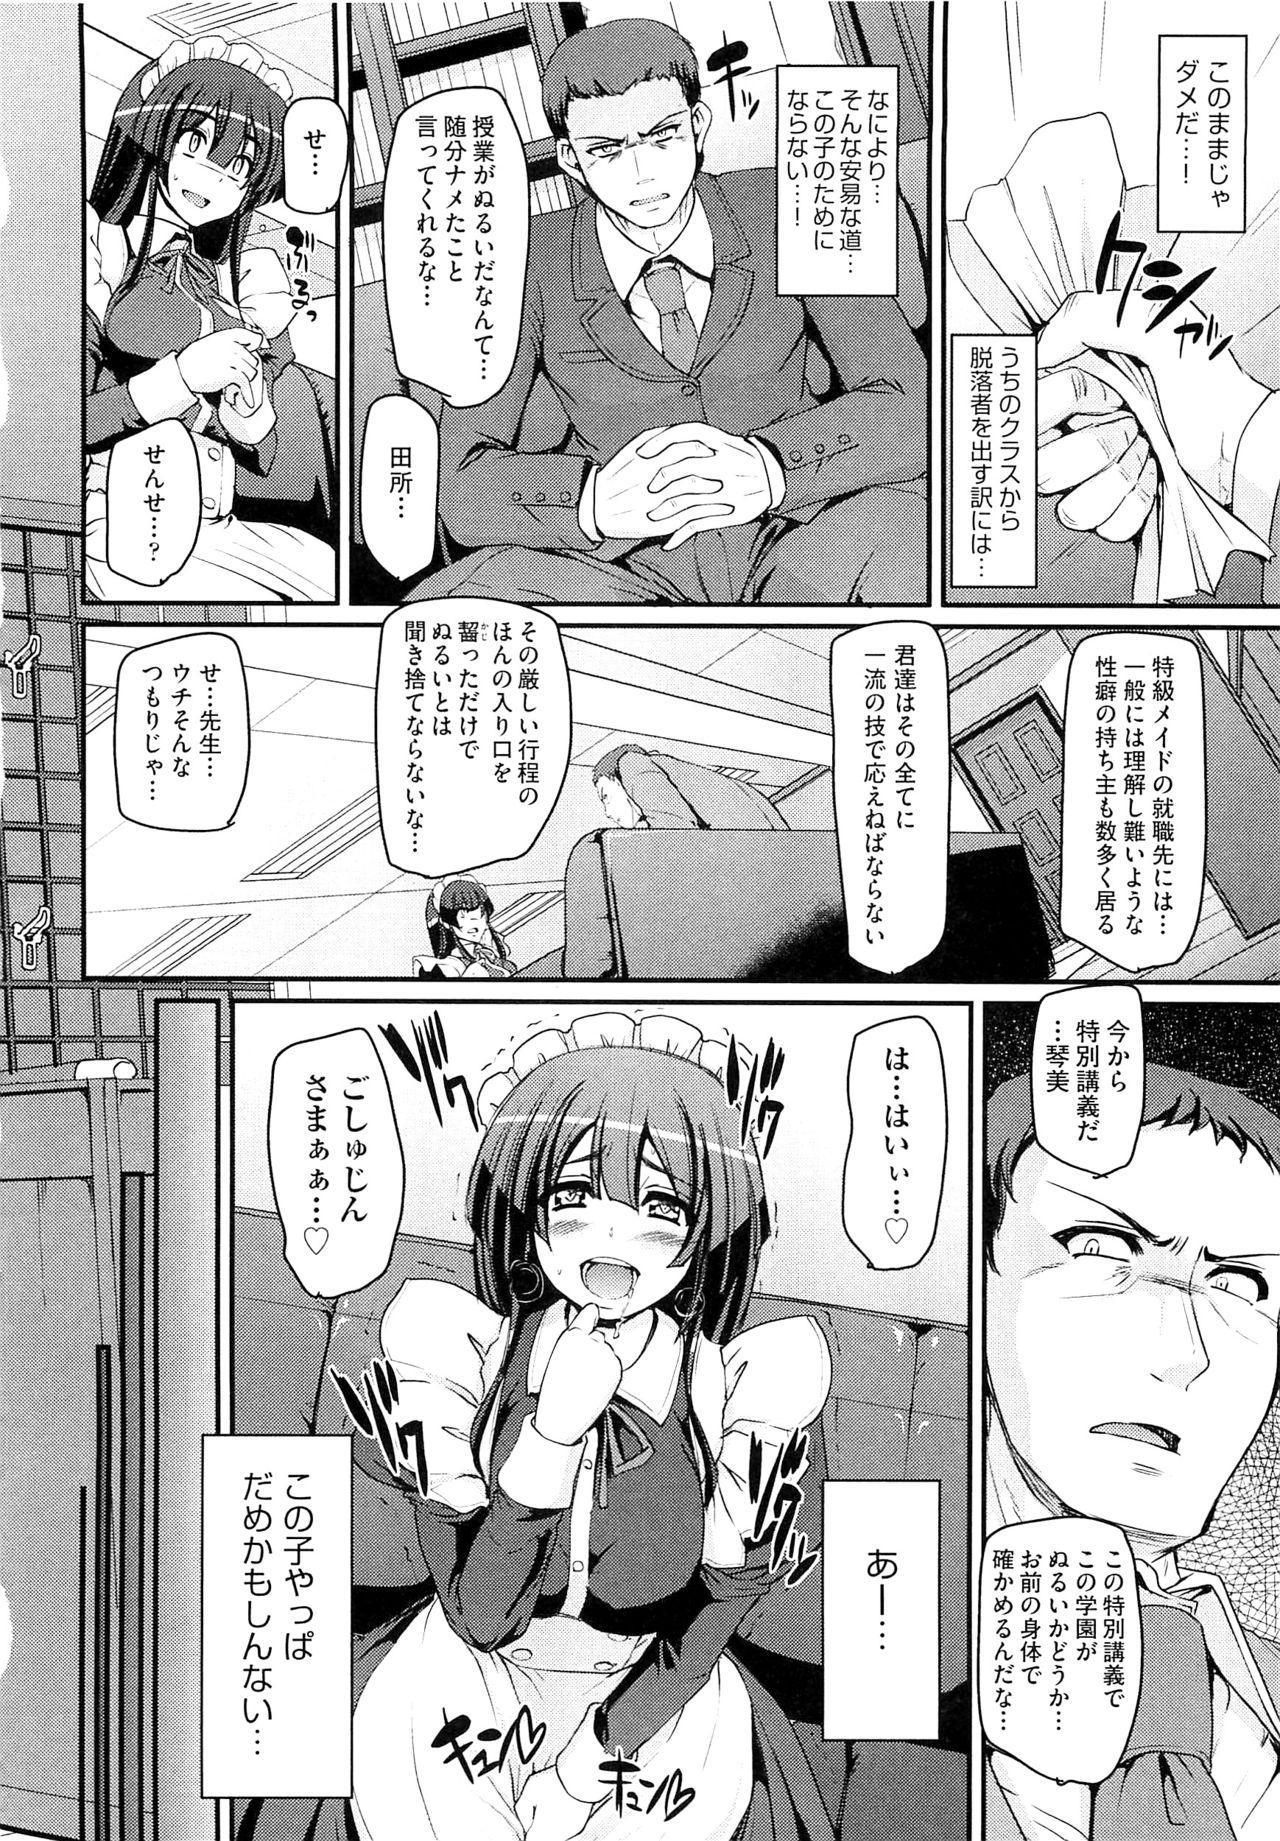 Maid Gakuen e Youkoso!! - Welcome to Maid Academy 85